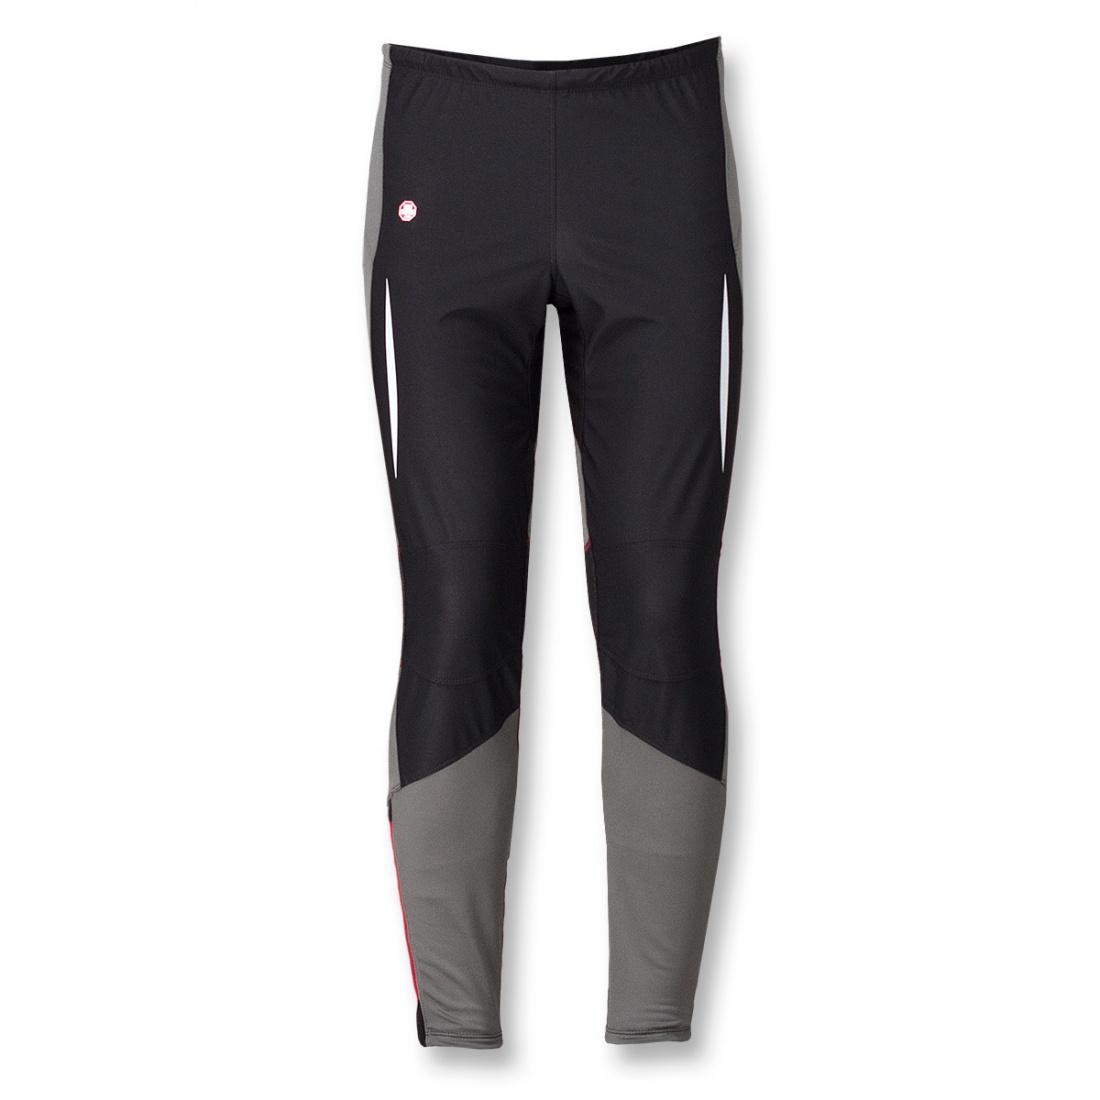 Брюки MultiБрюки, штаны<br><br><br>Цвет: Темно-серый<br>Размер: 56